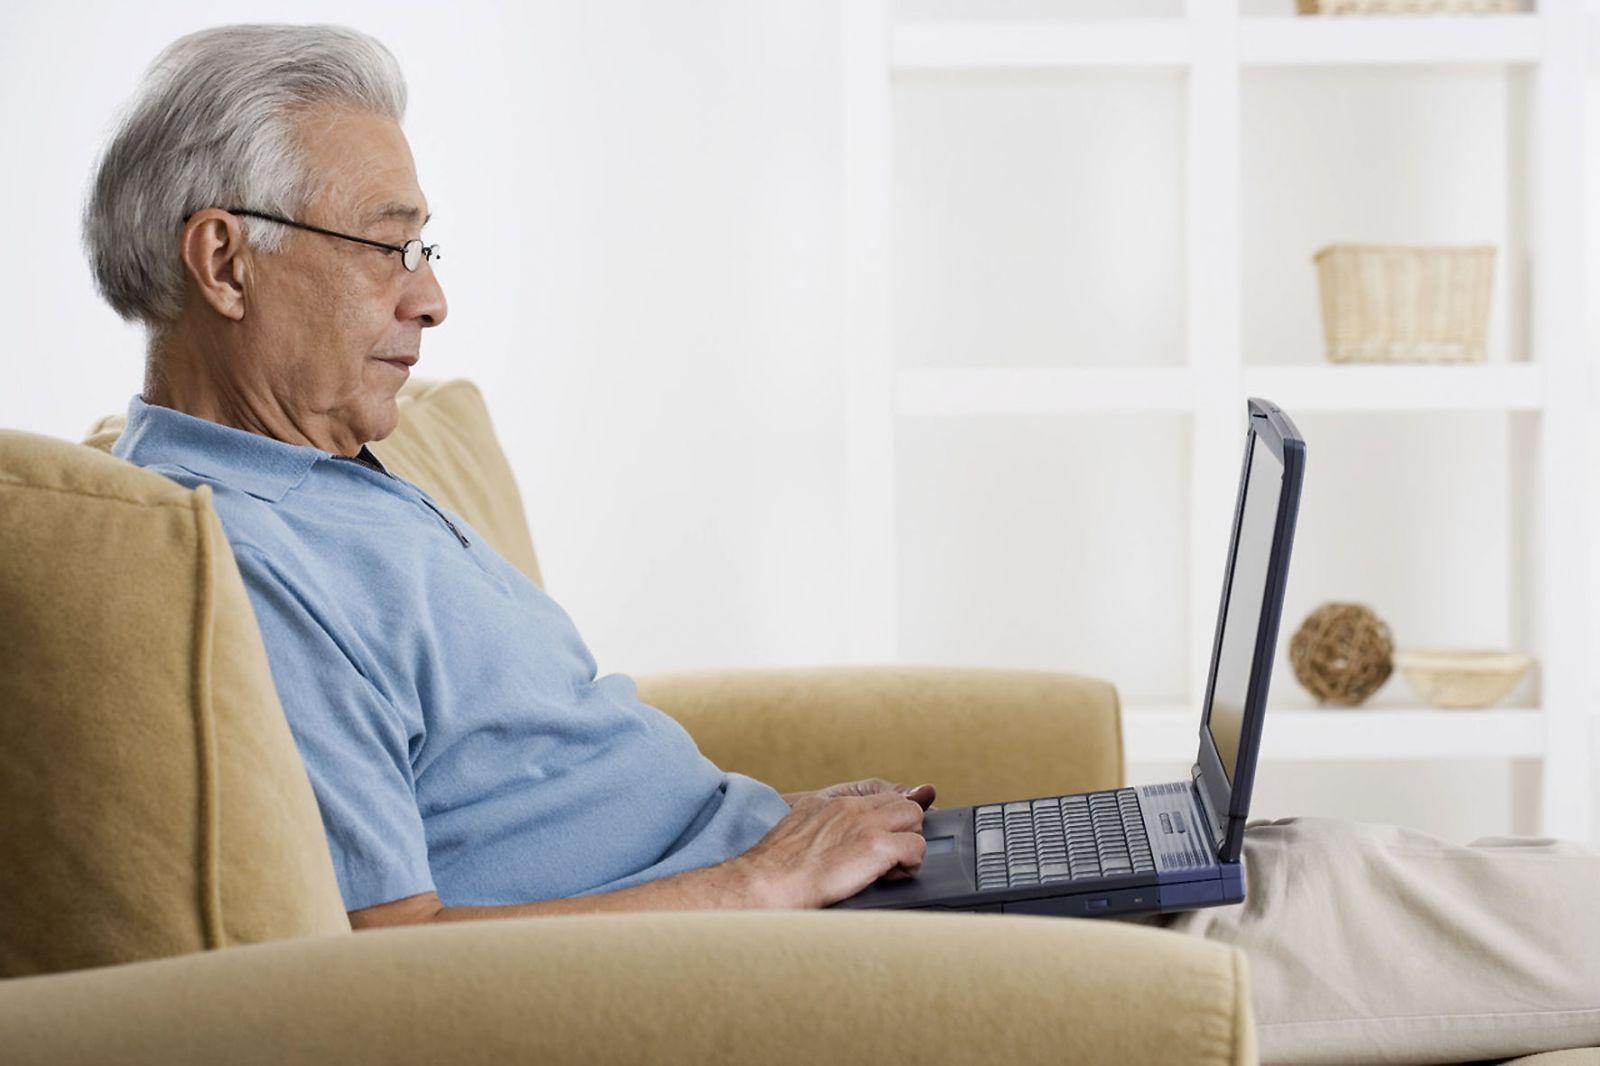 На сколько повысят пенсию в апреле 2017 неработающим пенсионерам